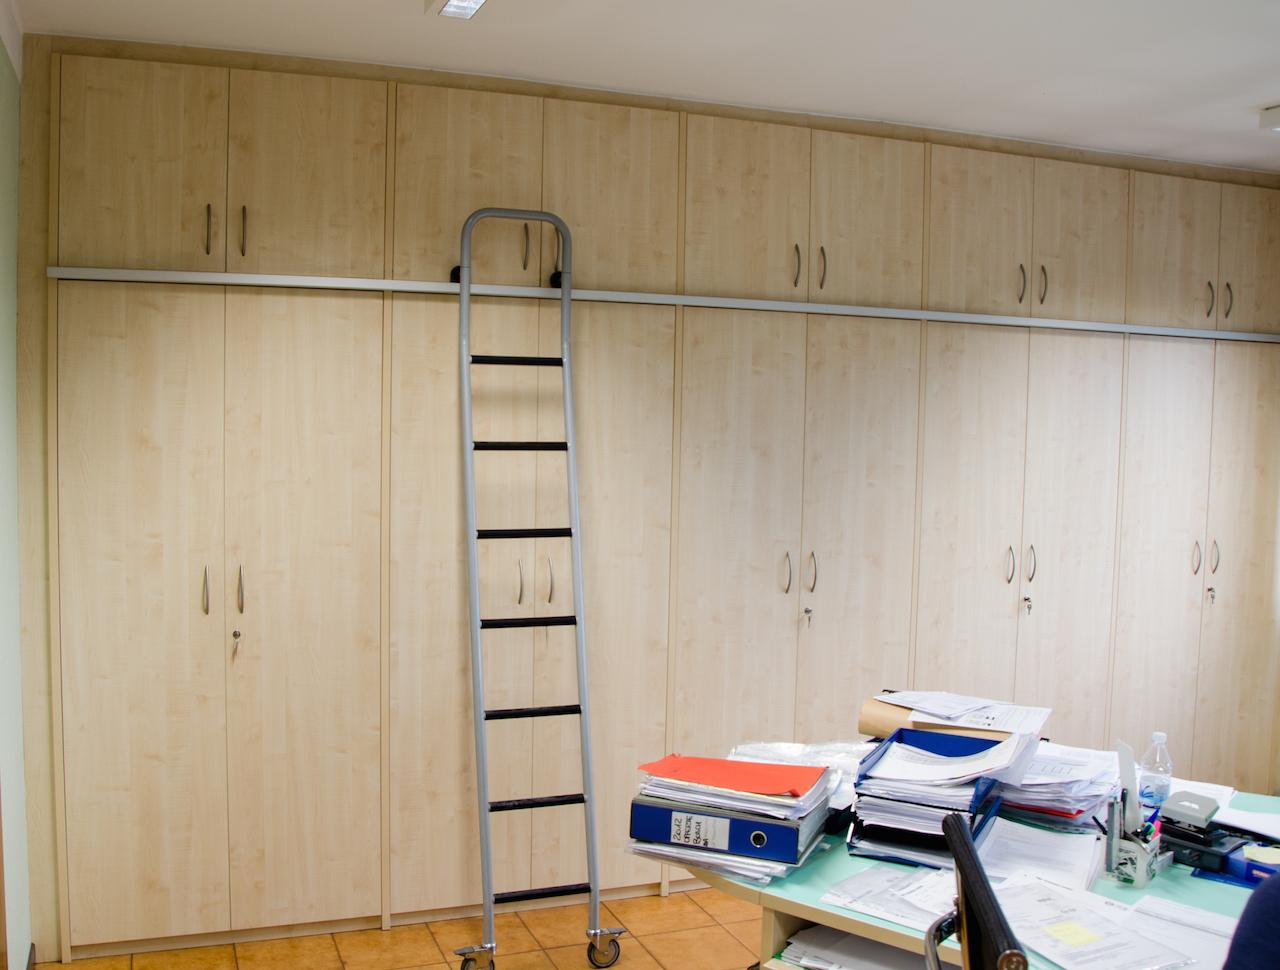 Armadi Archivio Ufficio Legno : Armadio di archiviazione di un ufficio 2 mobili su misura minati